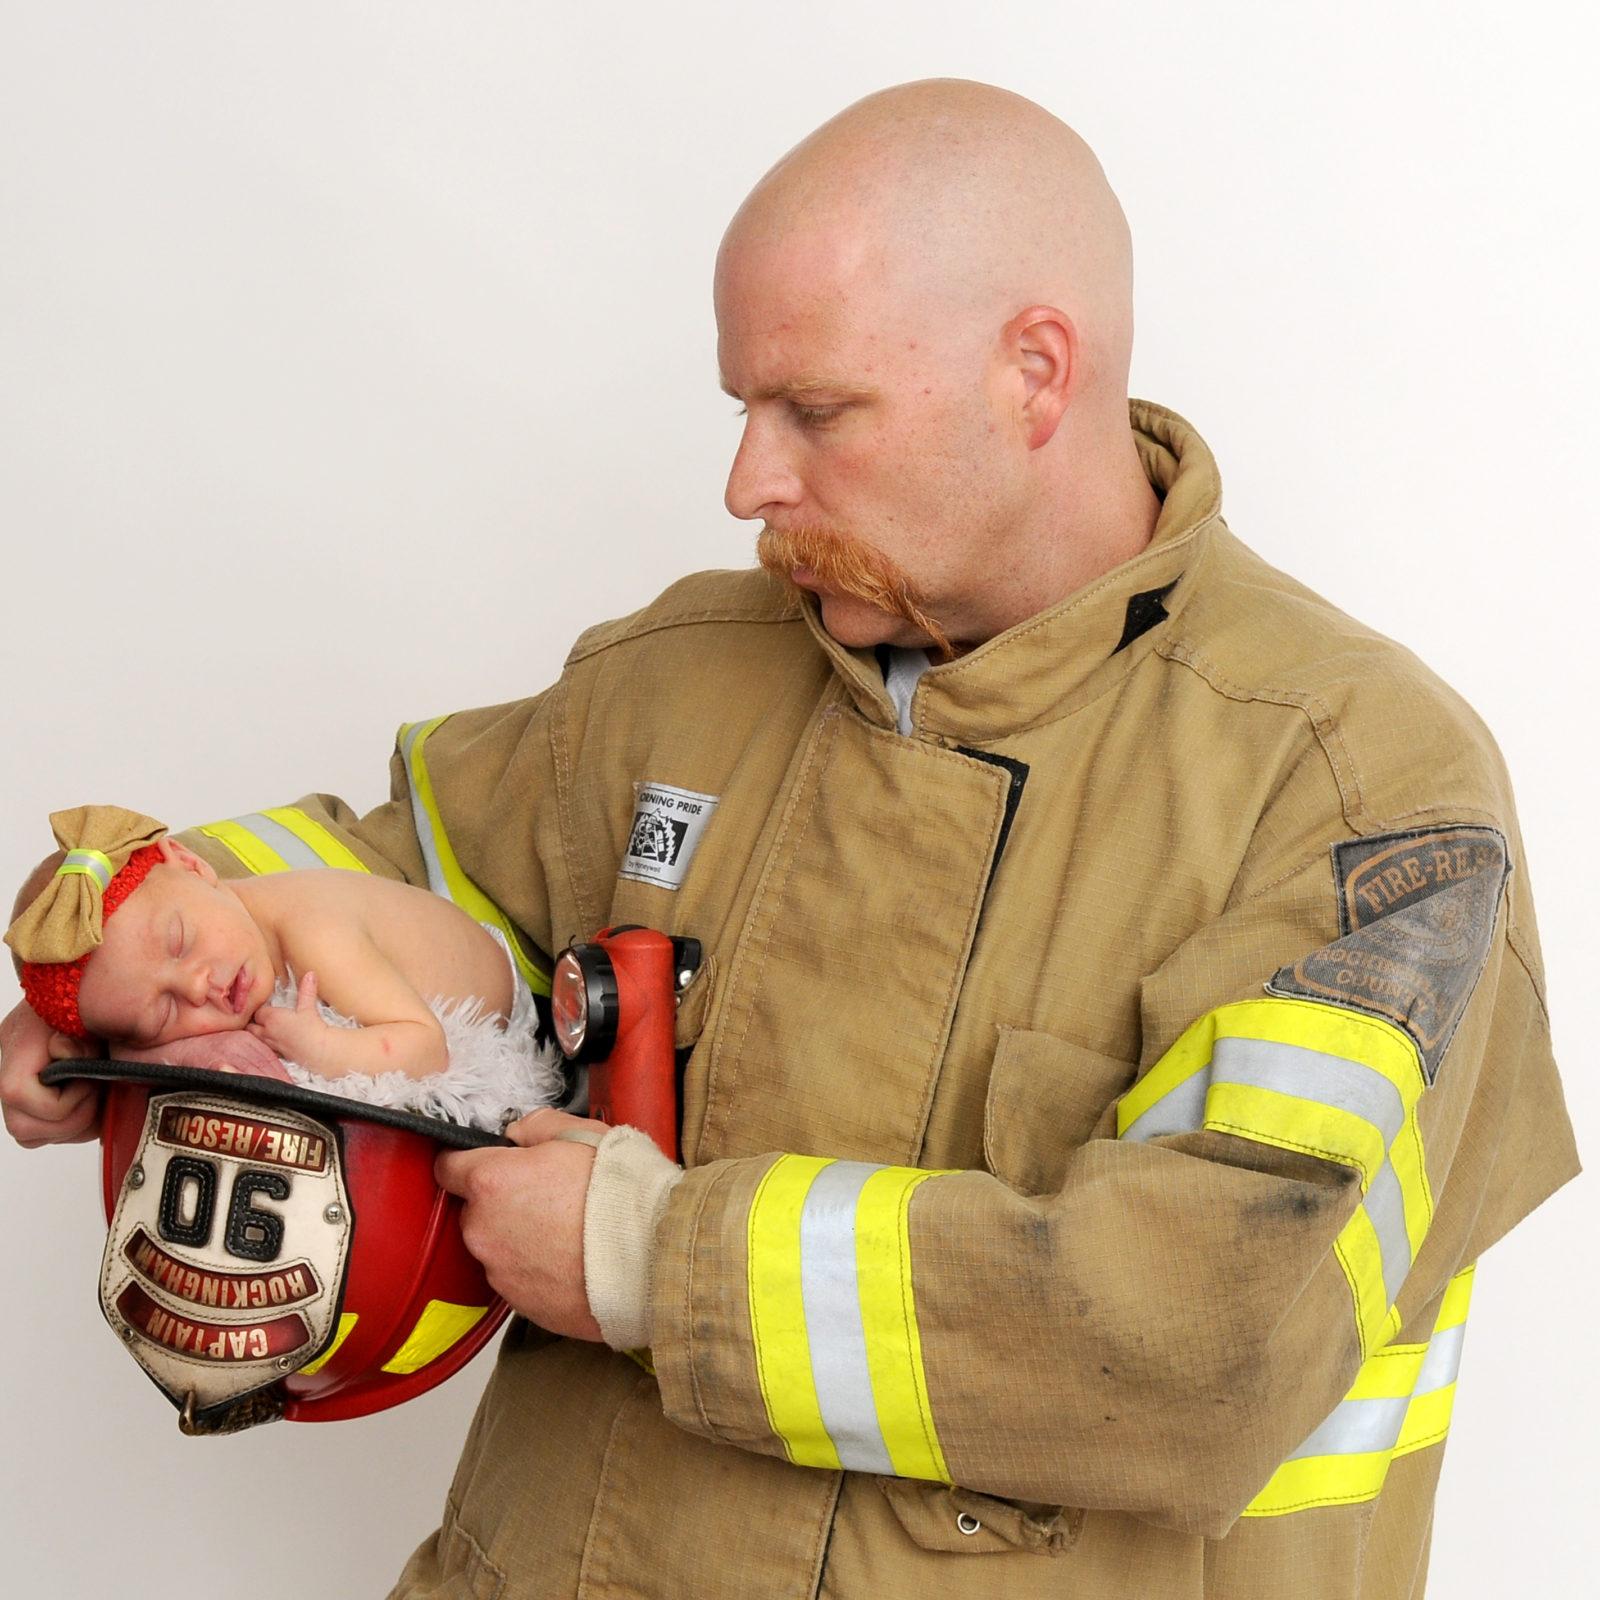 Firefighter with newborn portrait photography Harrisonburg